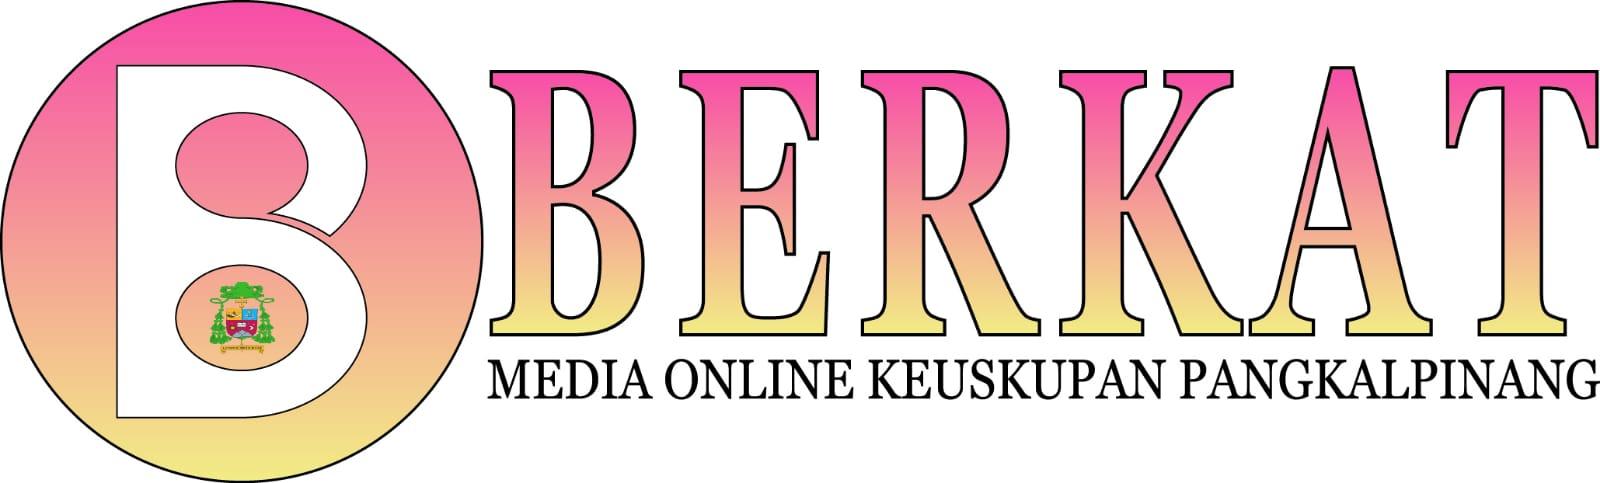 BerkatNews.com